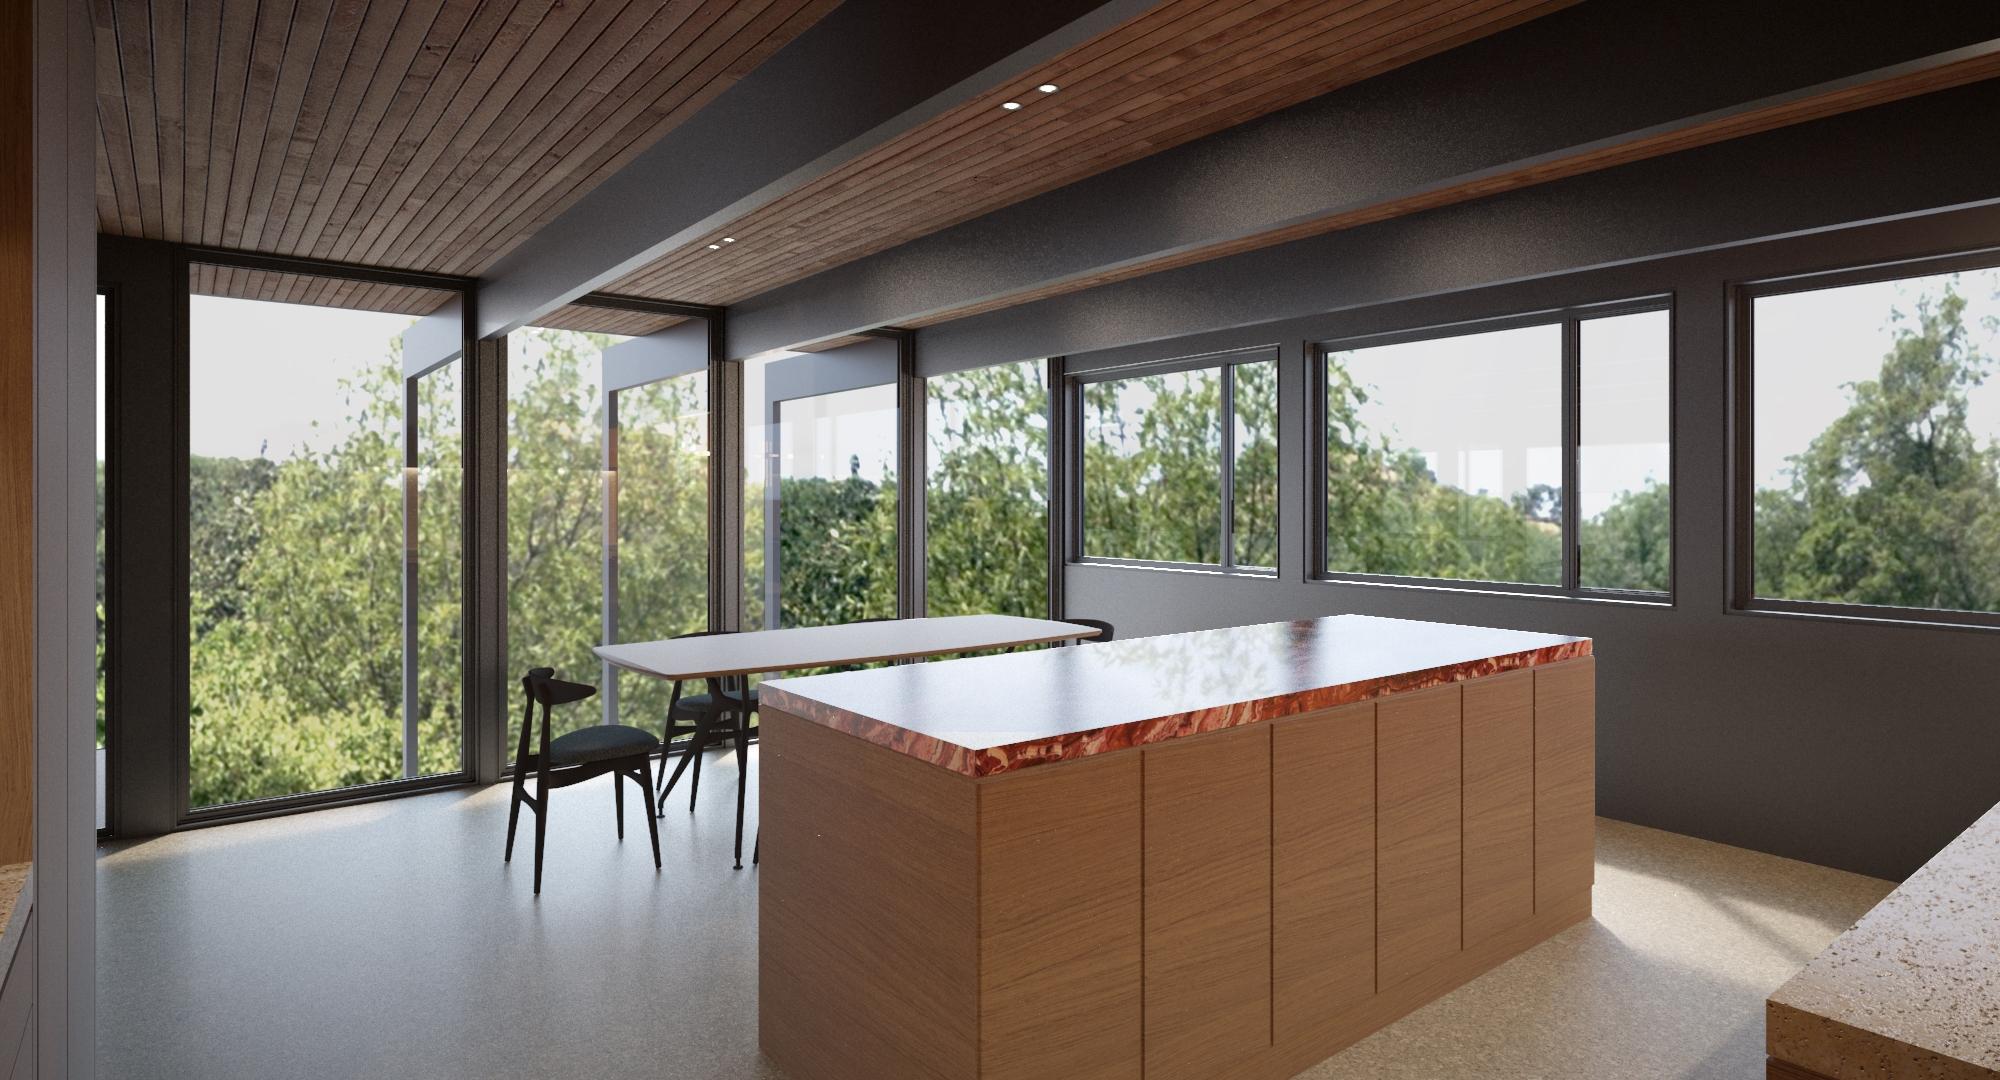 170103_Kitchen 2.jpg